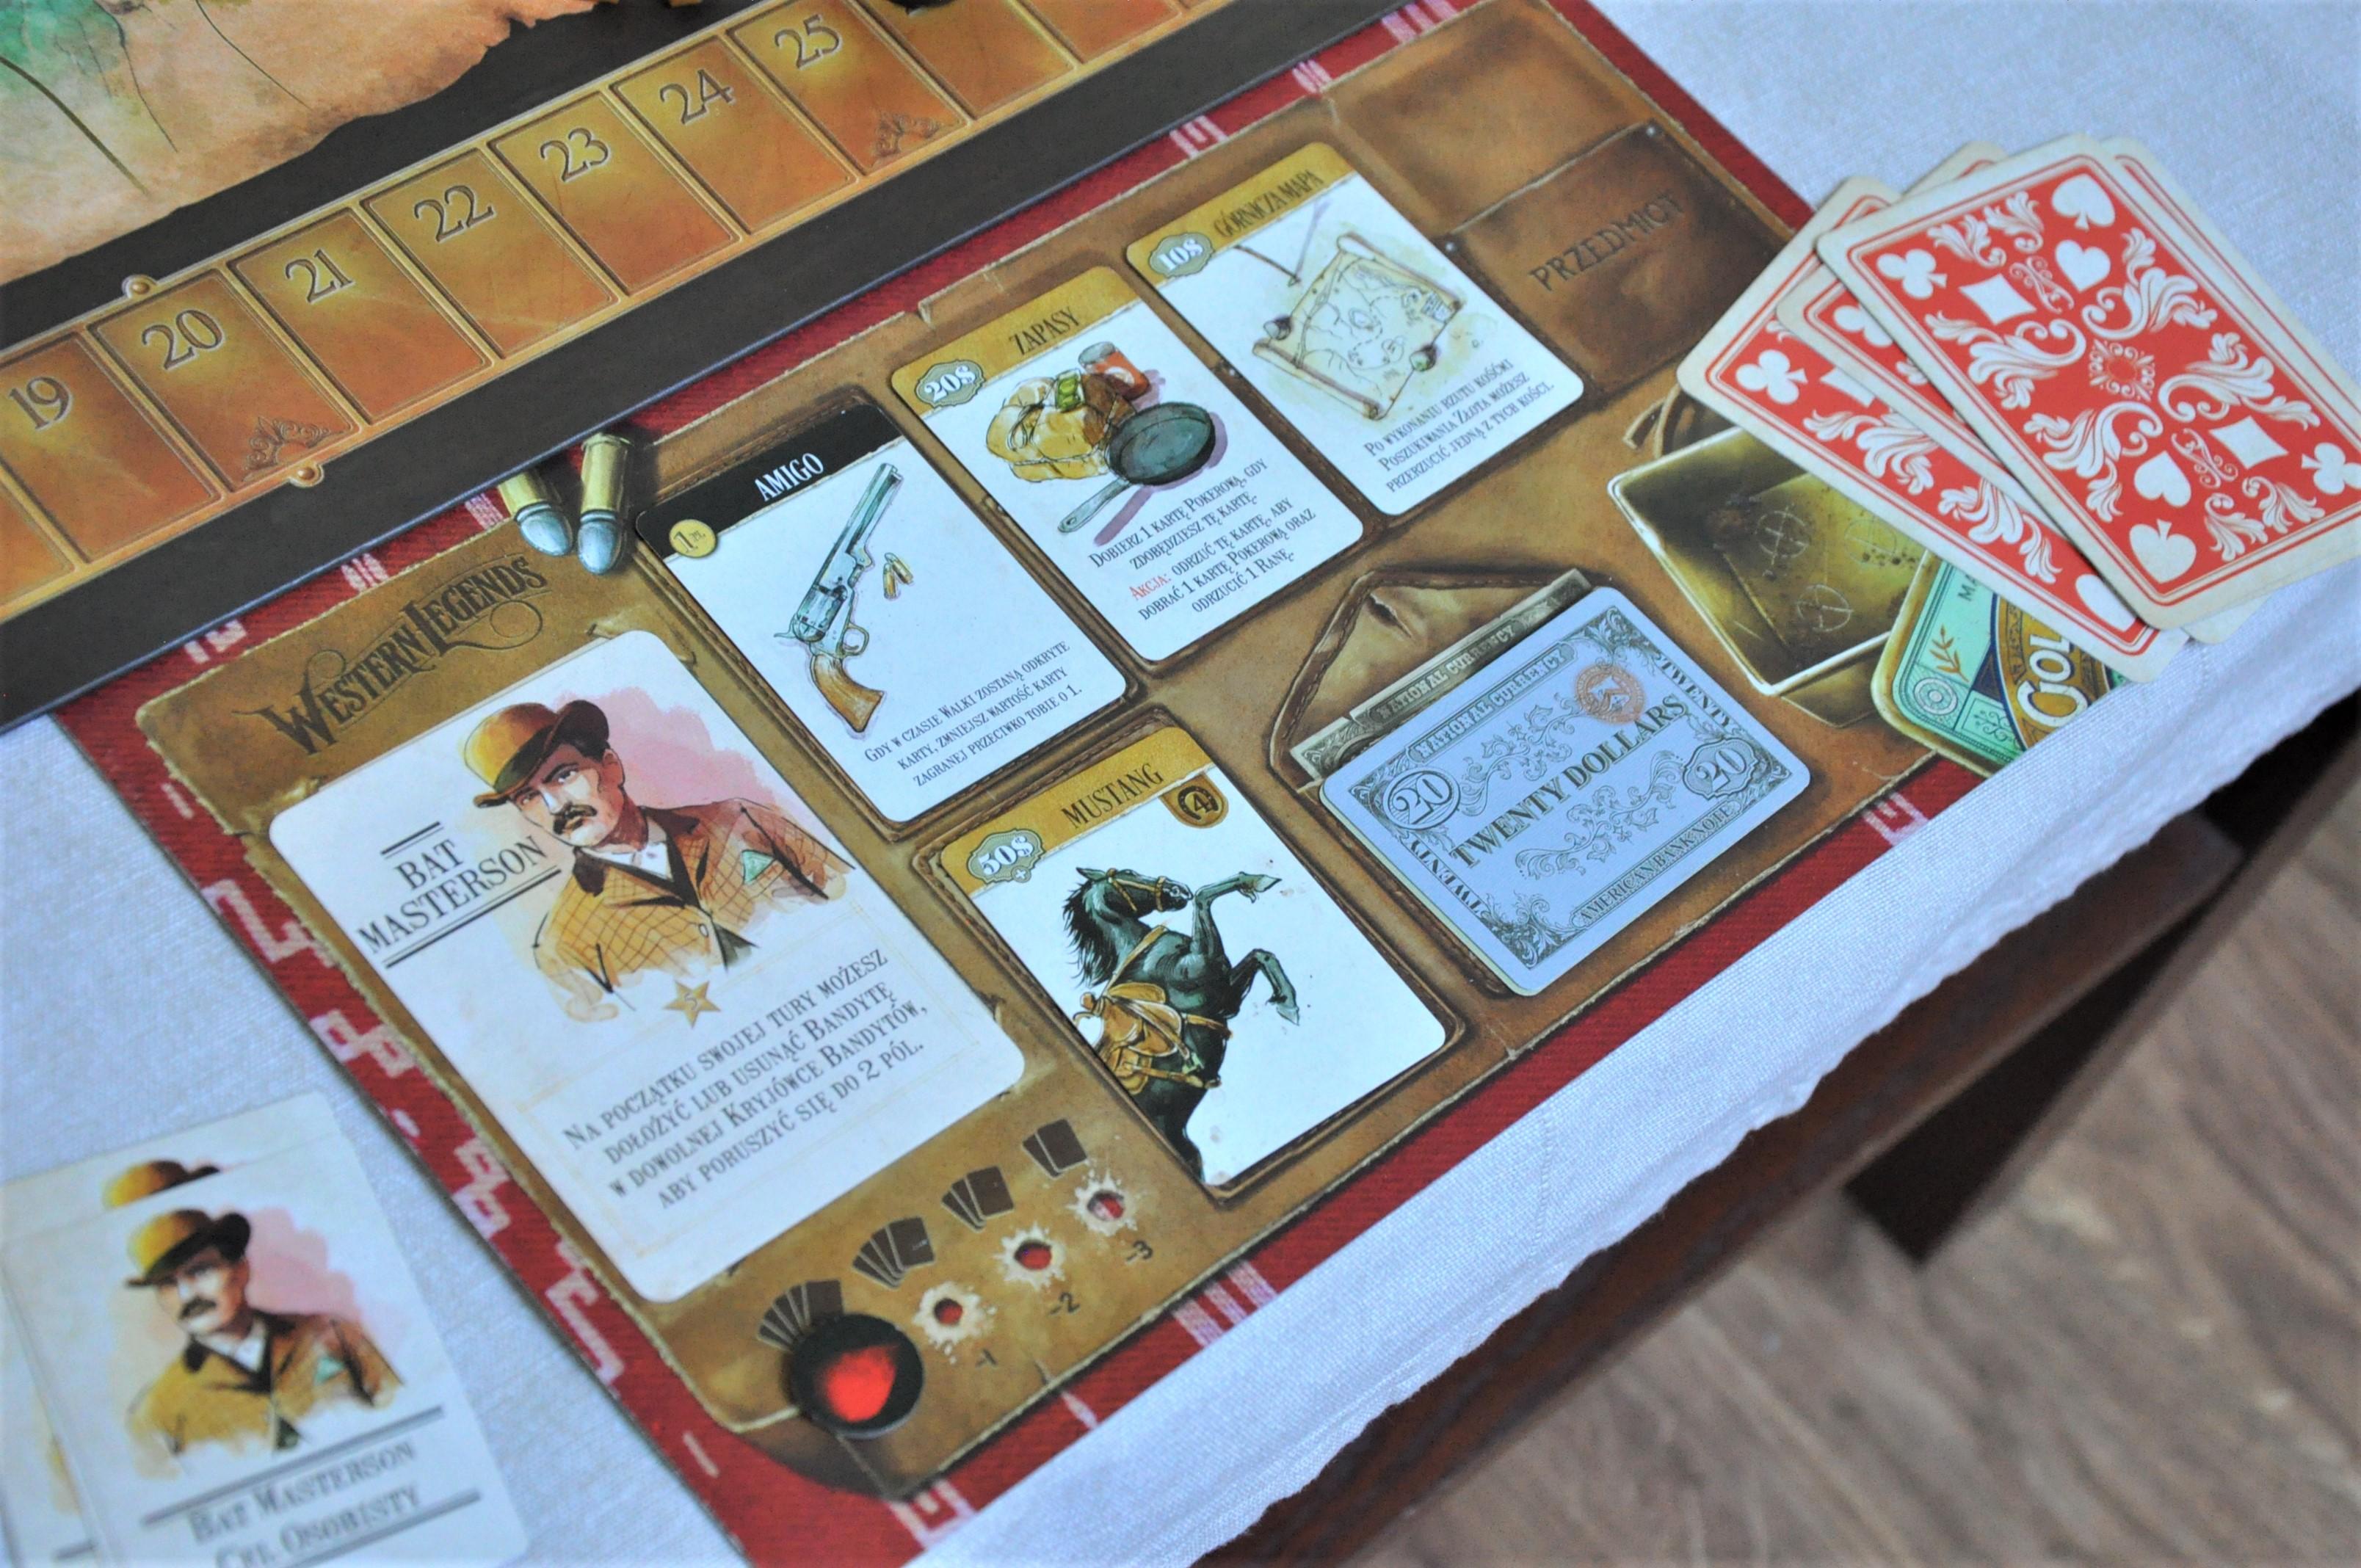 Układ przedmiotów naplanszetce gracza wraz zjego kartą postaci